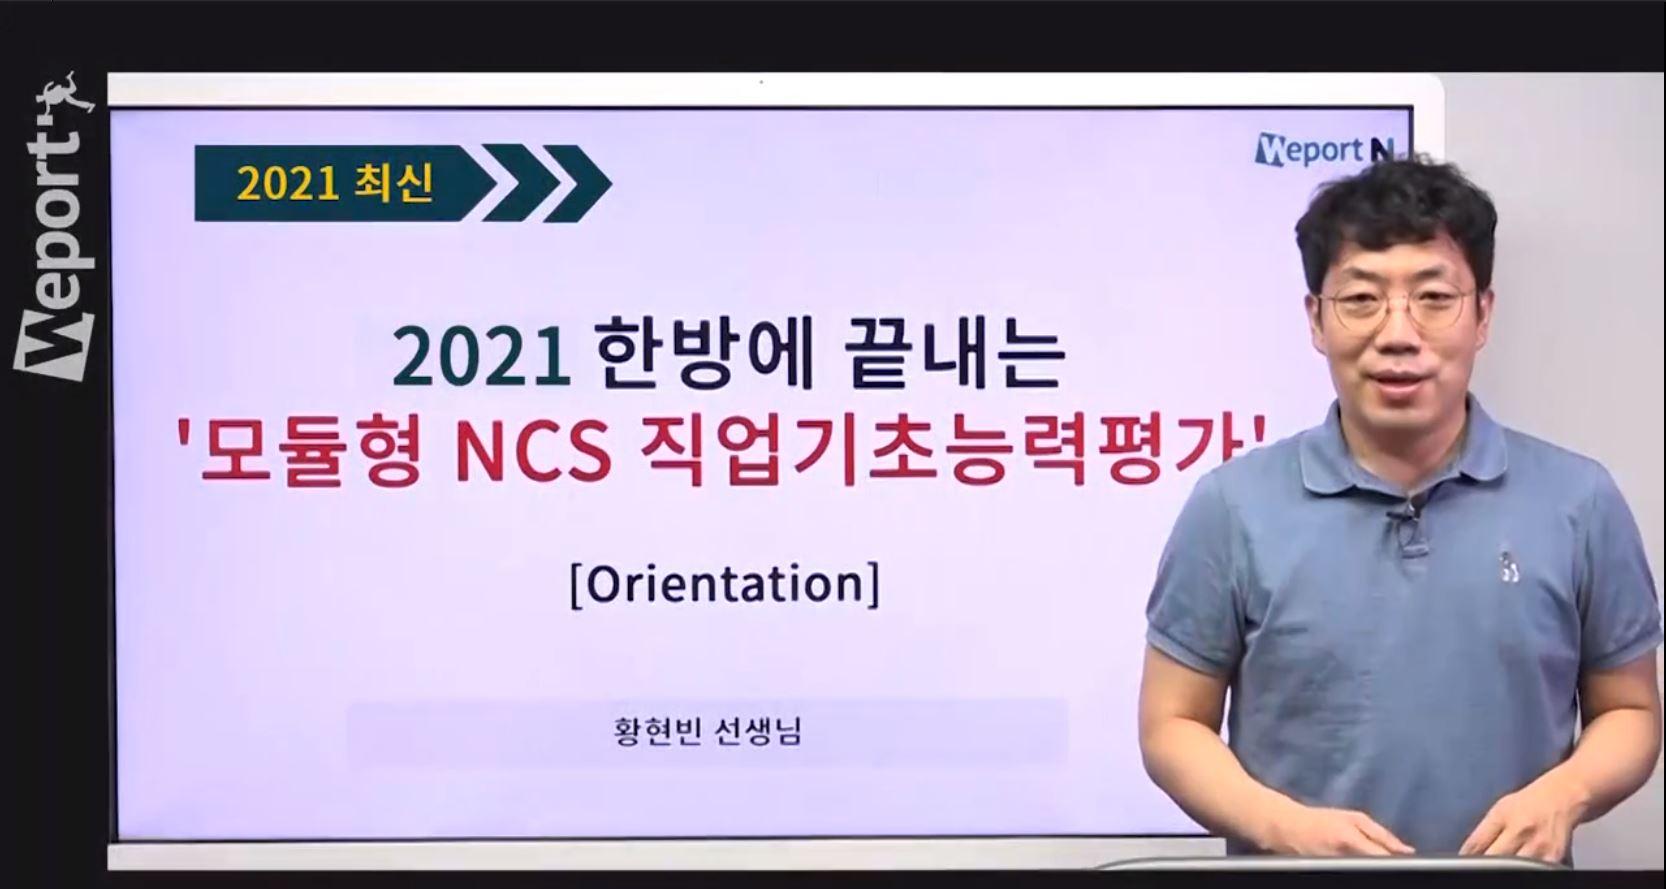 [최신] 2021 황현빈의 한 방에 끝내는 모듈형NCS 직업기초능력평가